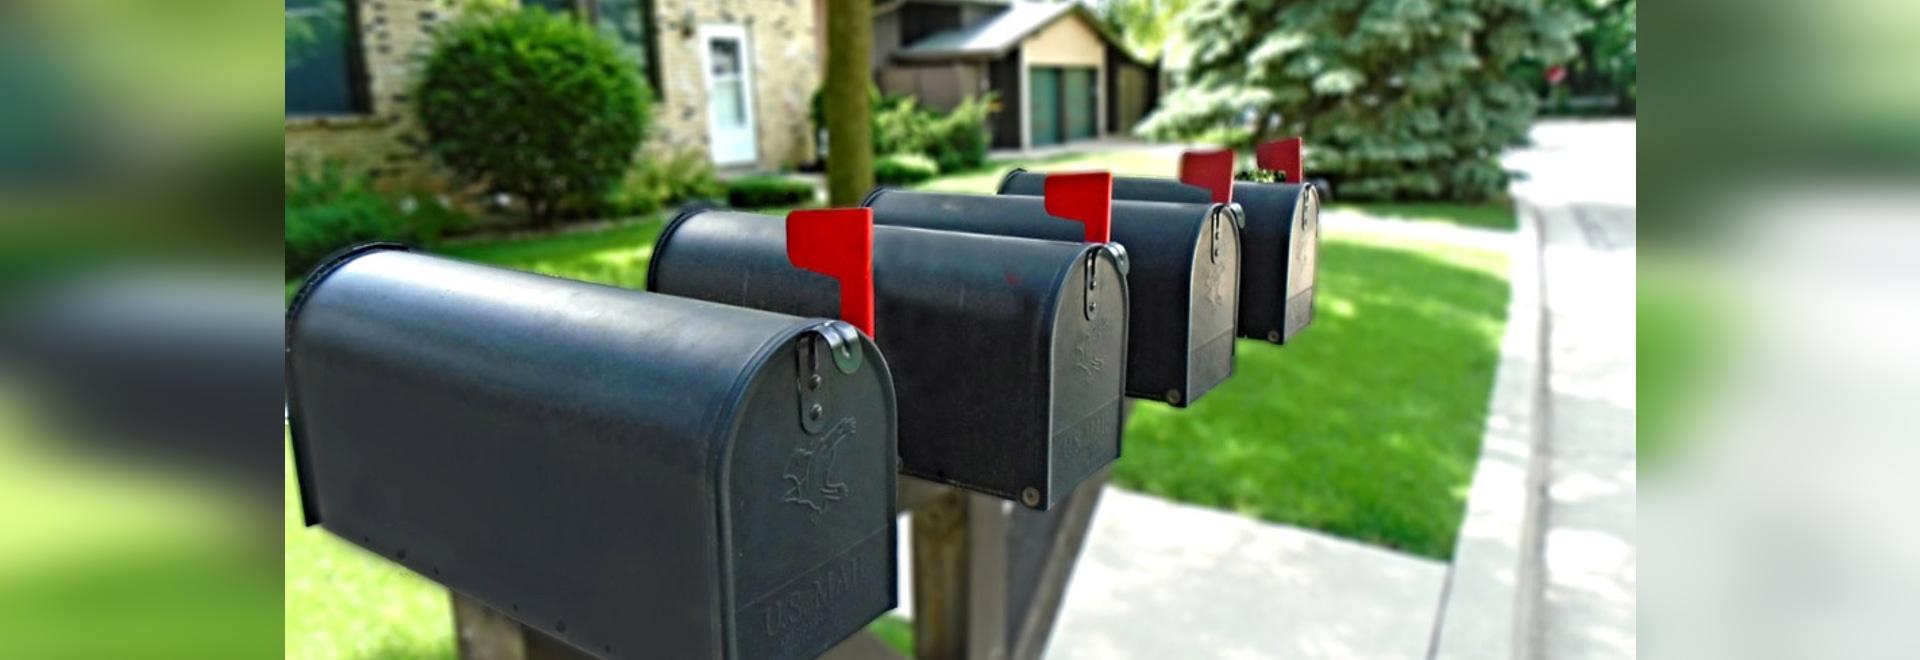 Servizio postale degli Stati Uniti per testare autocarri con guida autonoma